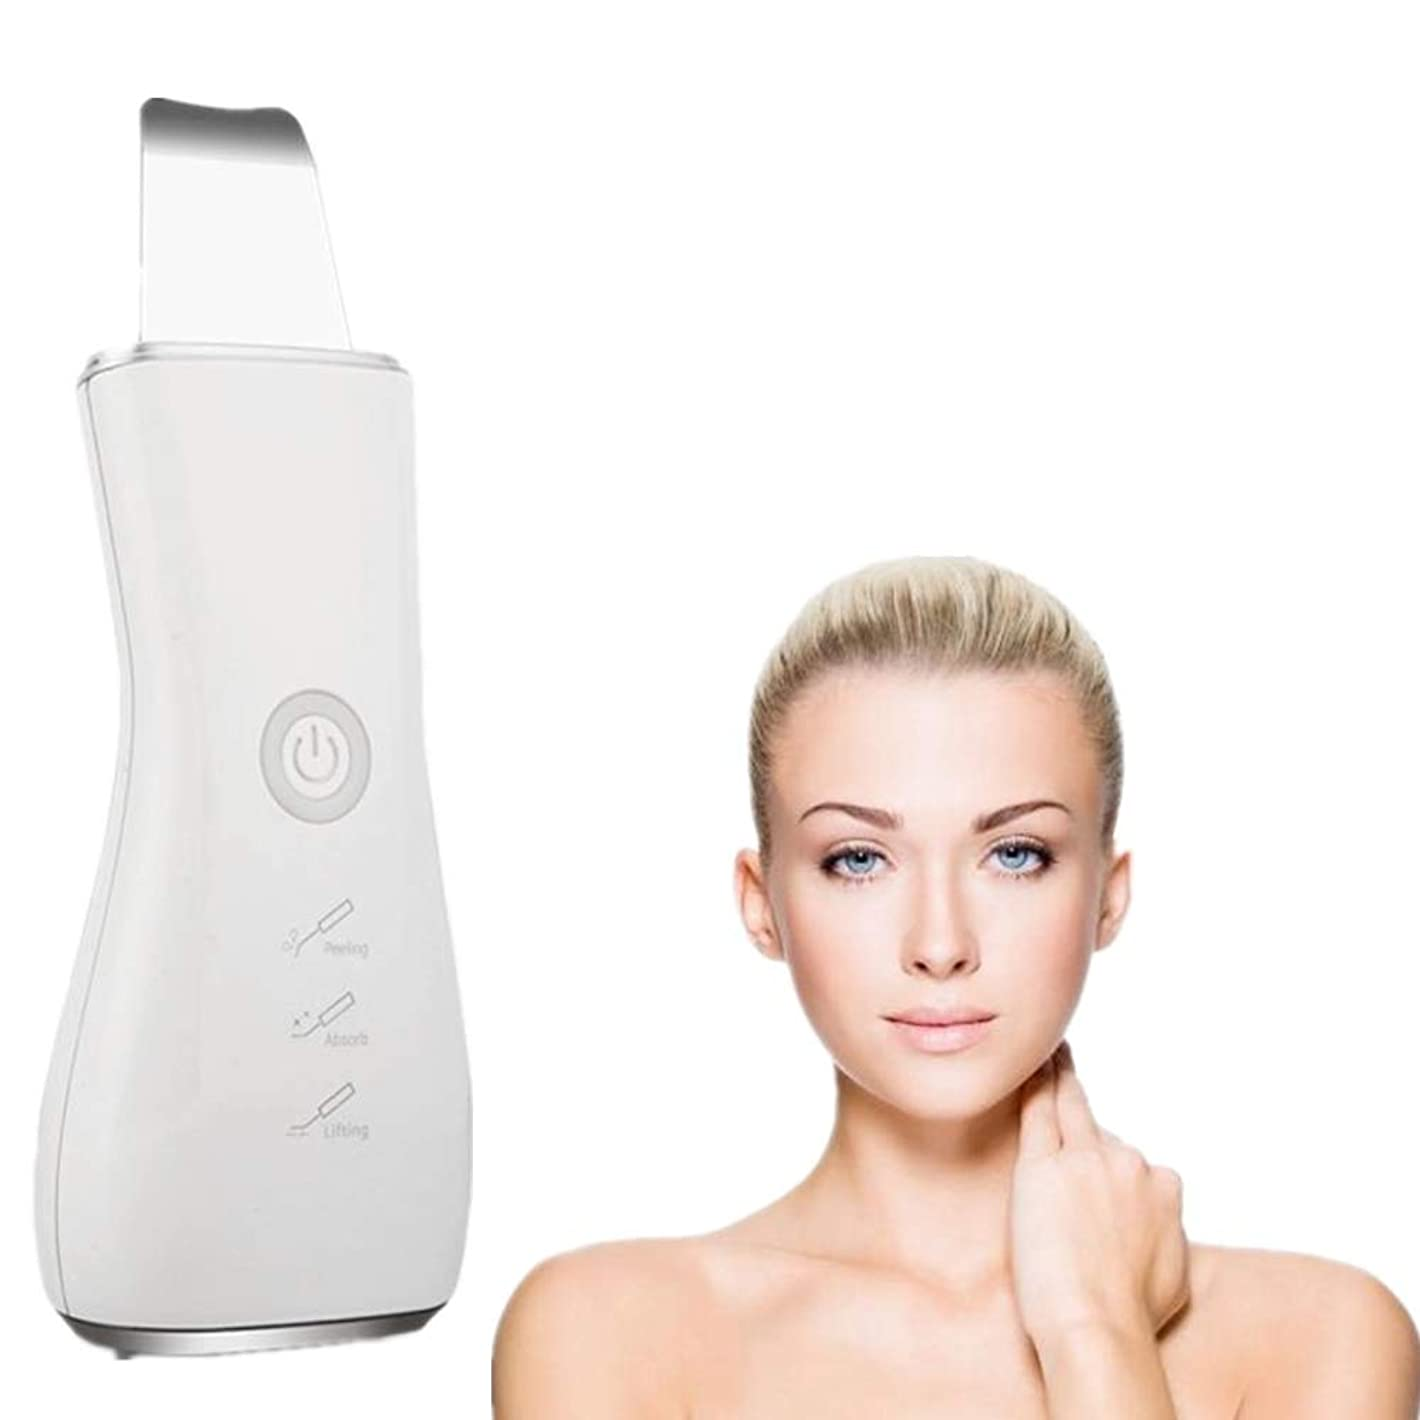 衝突コースタウポ湖抗生物質顔の皮膚スクラバーブラックヘッドリムーバー毛穴充電式スキンスクラバー光子の若返り美容スキンクリーナーEMSクリーニングイオン導入モードUSB充電式美容ツール、シルバー